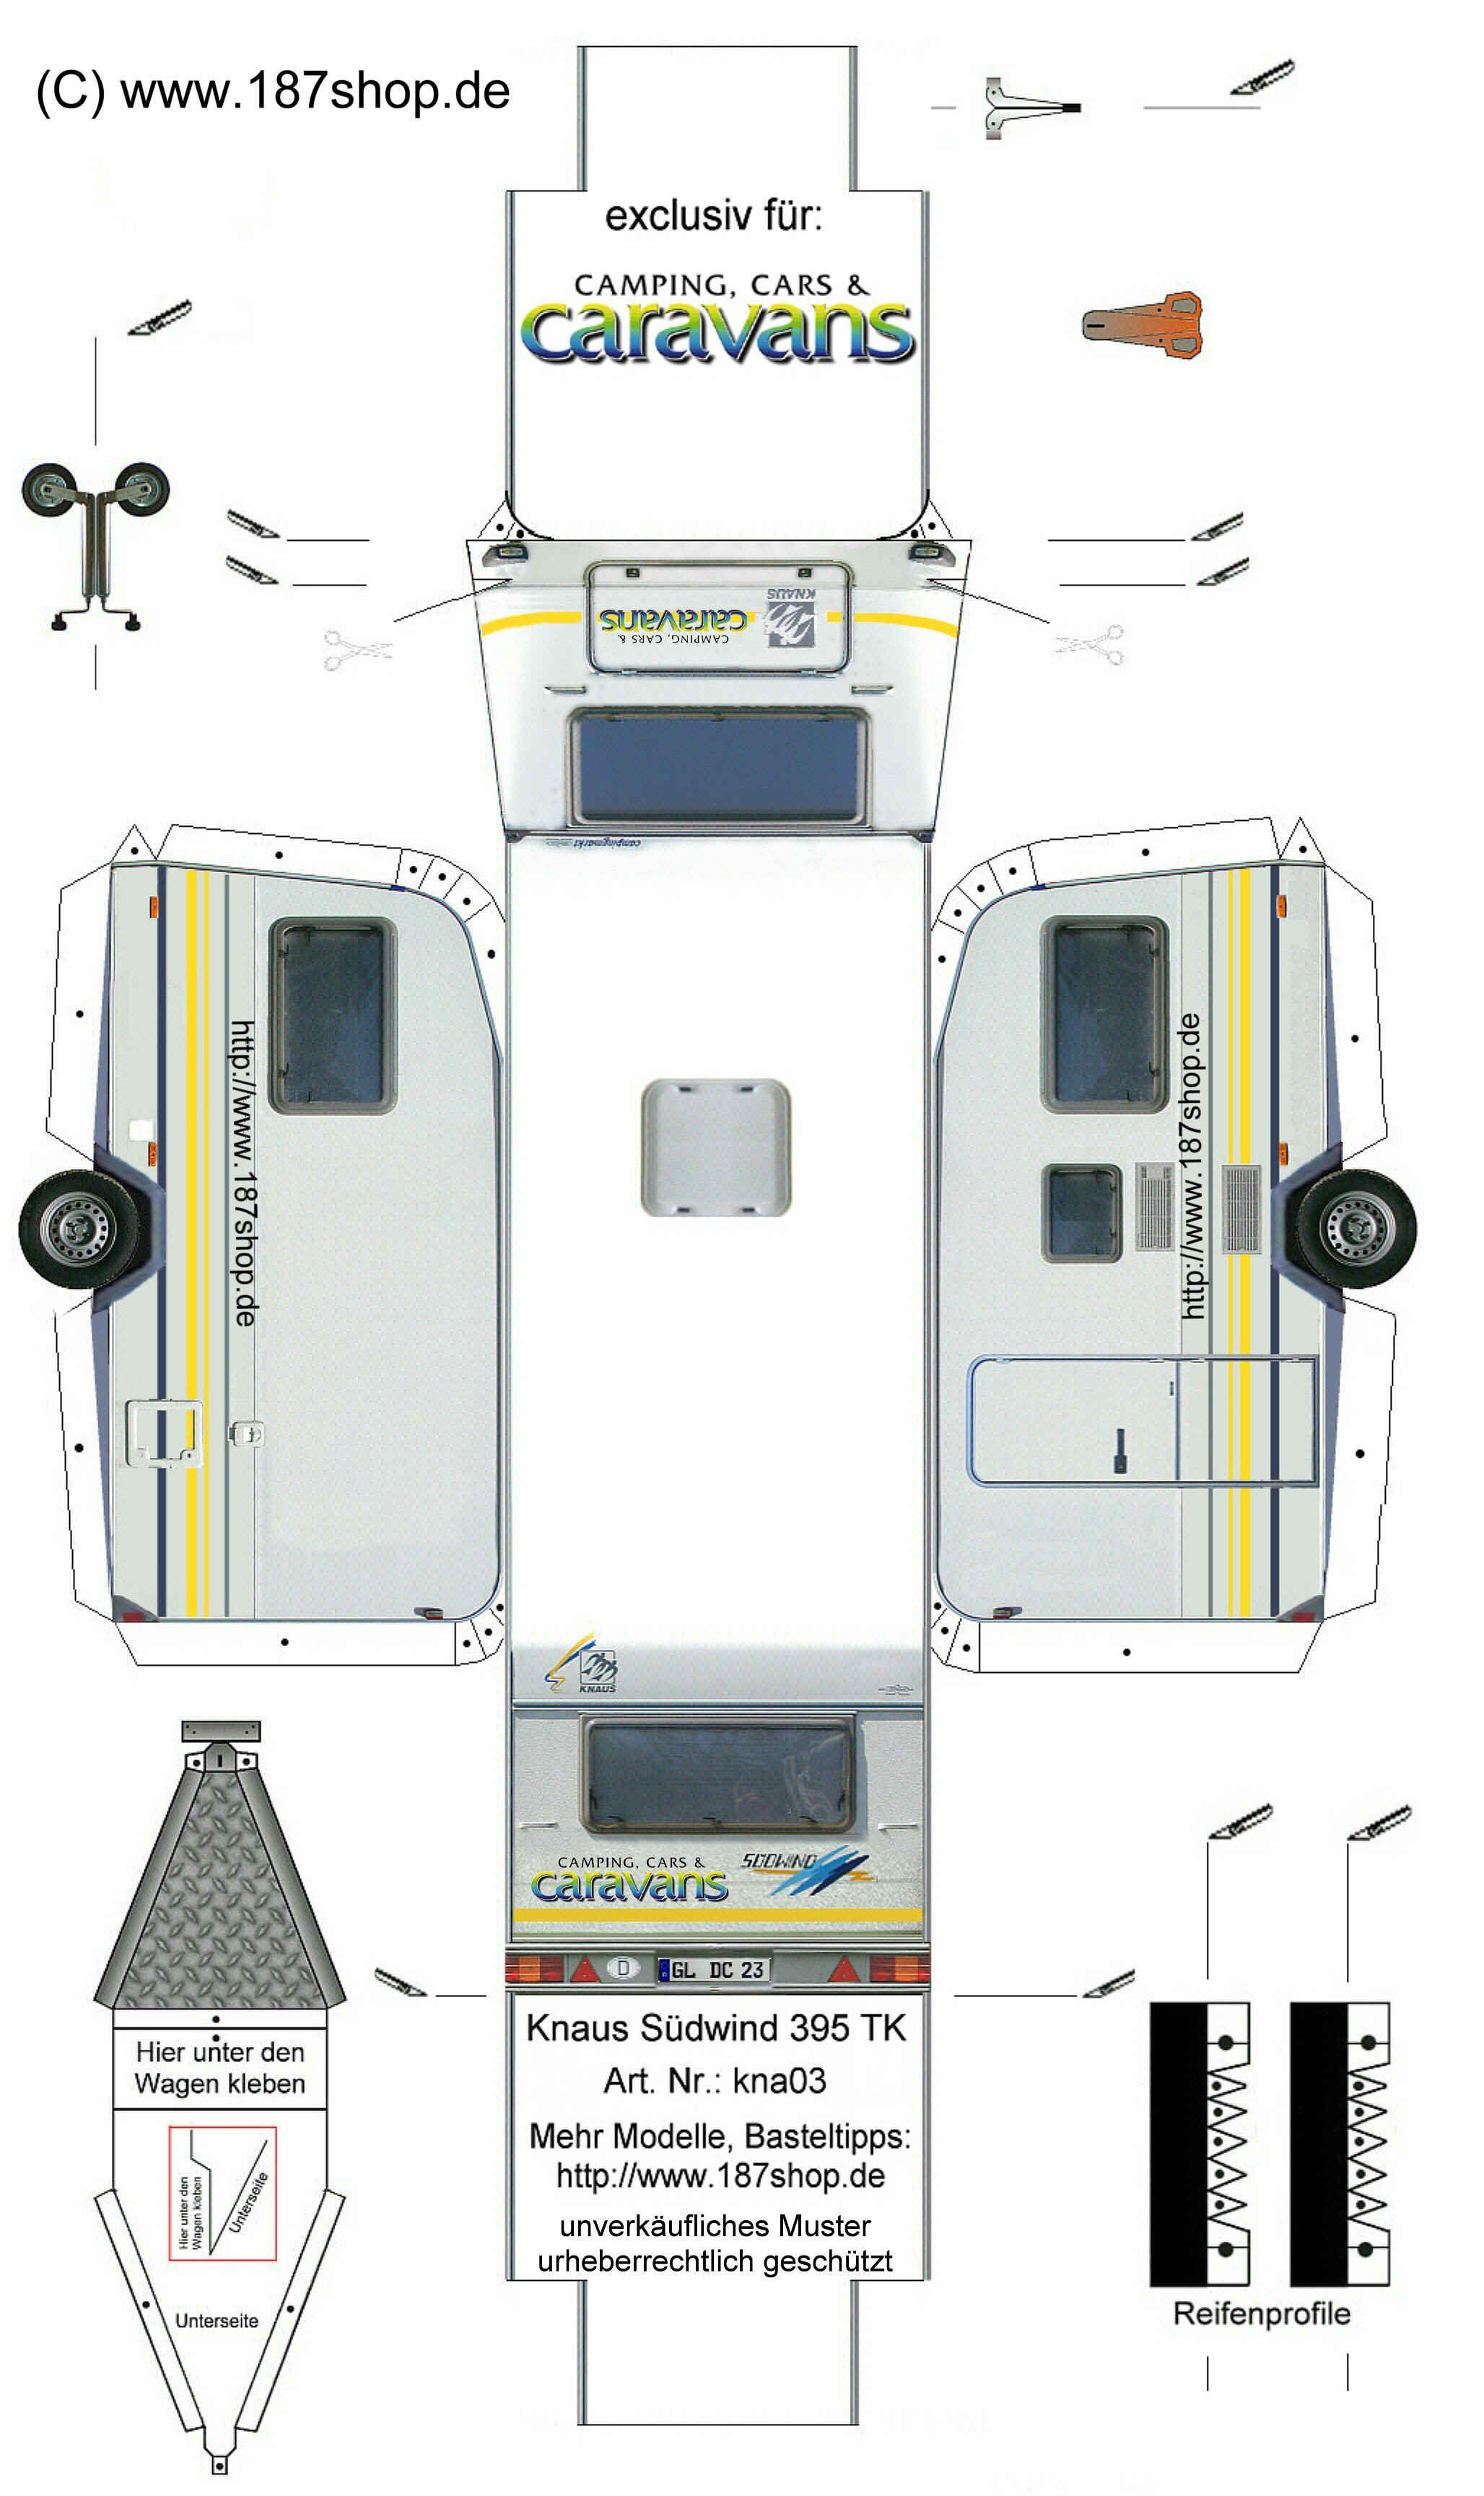 M Tdunkel S 1 87 Shop Kontaktformular Wohnwagen Papiermodell Bastelbogen